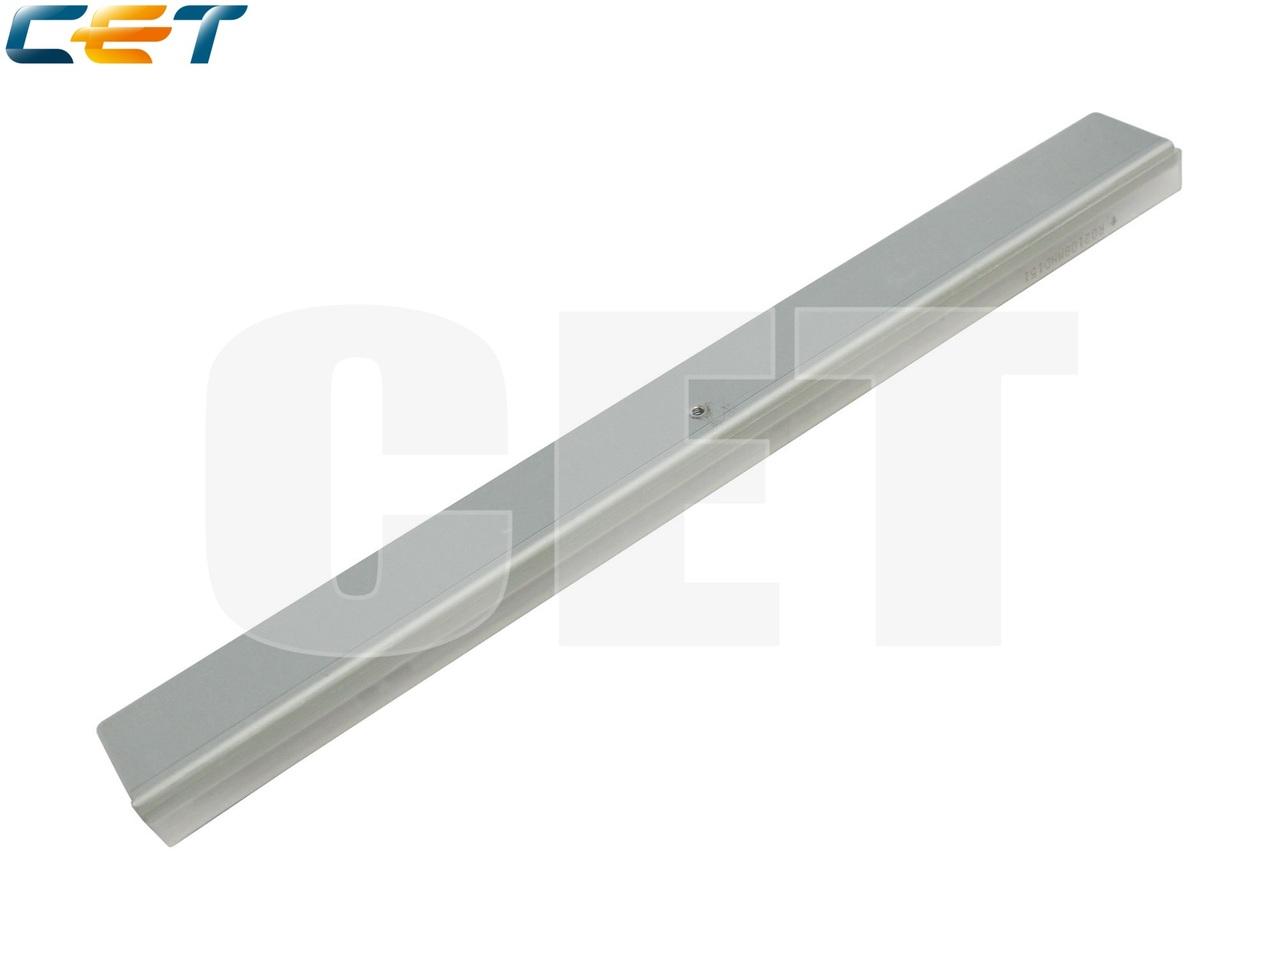 Ракель 4024-1004-01, 56AA20100 для KONICA MINOLTADi551/650 (CET), CET4603